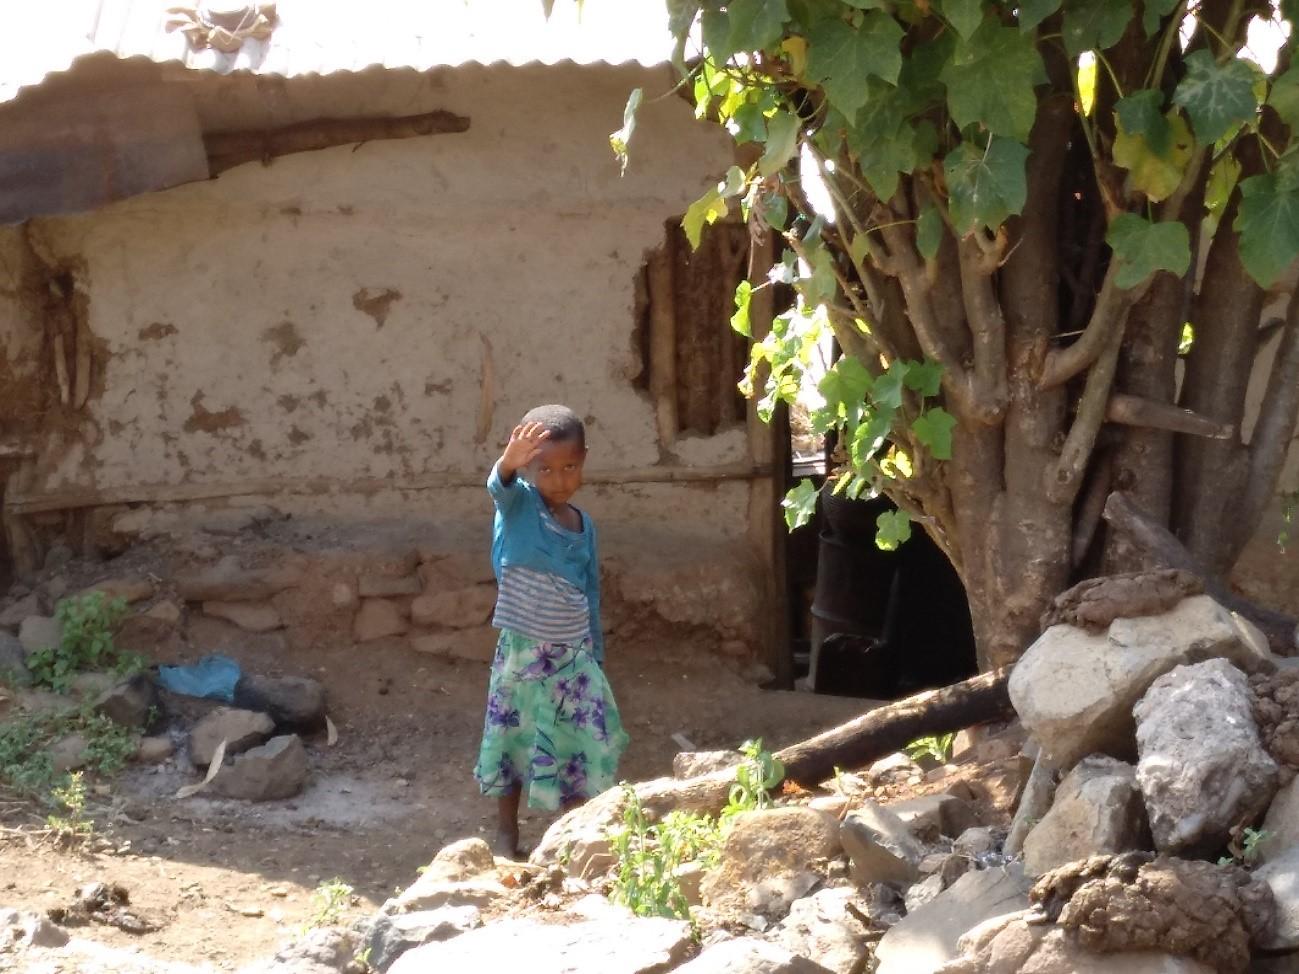 Foto del autor, Somalia, 08/09/2017